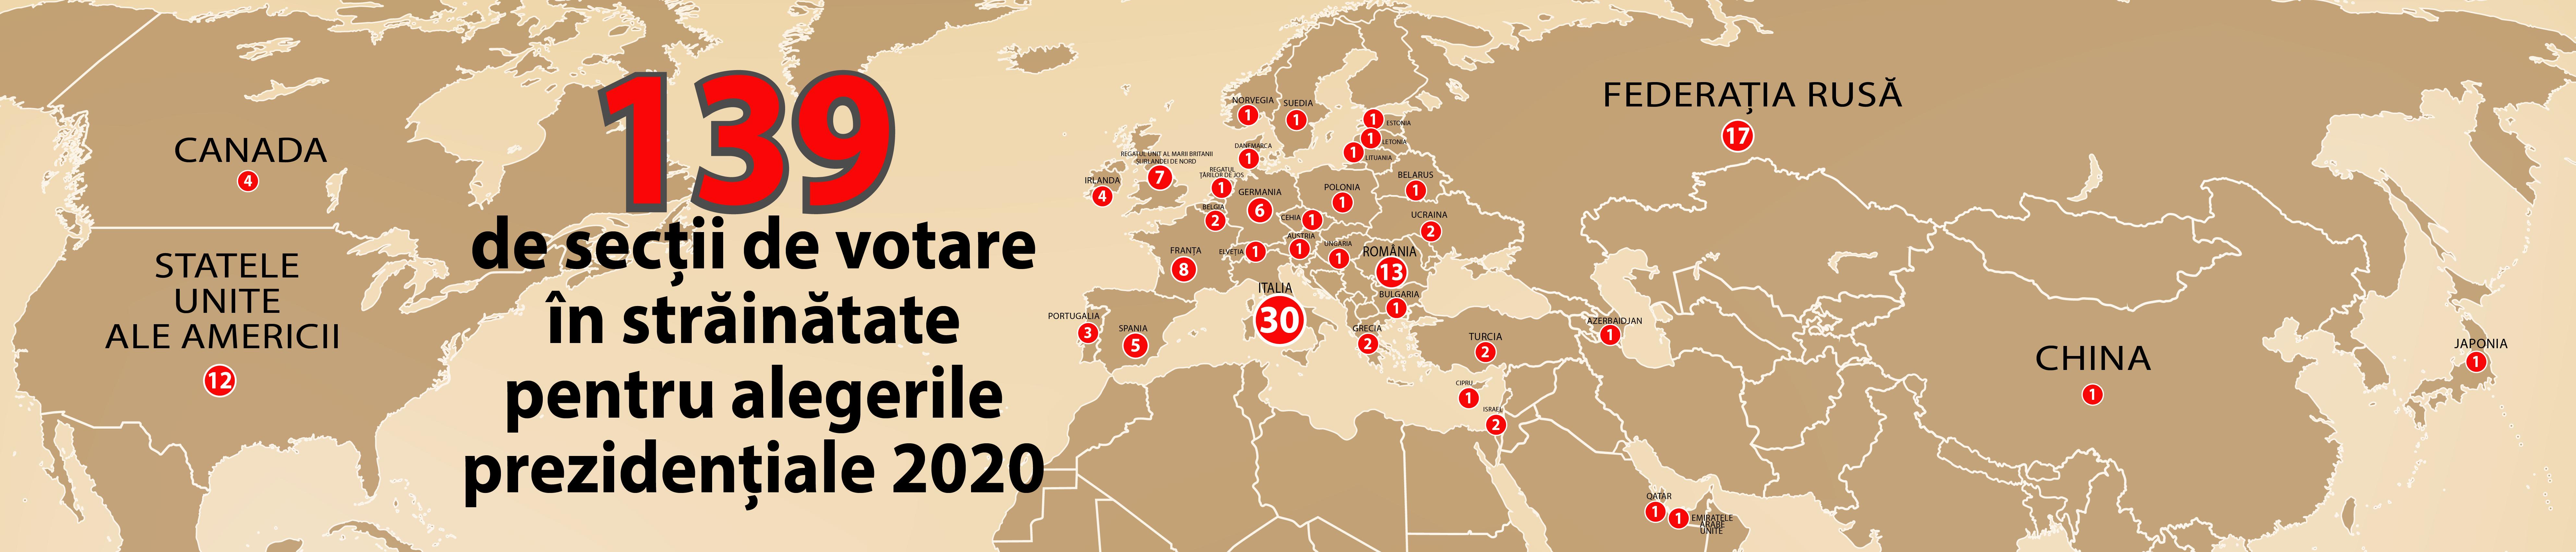 139 de secții de votare vor fi deschise în străinătate pentru alegerile prezidențiale din 2020. Sursa: API